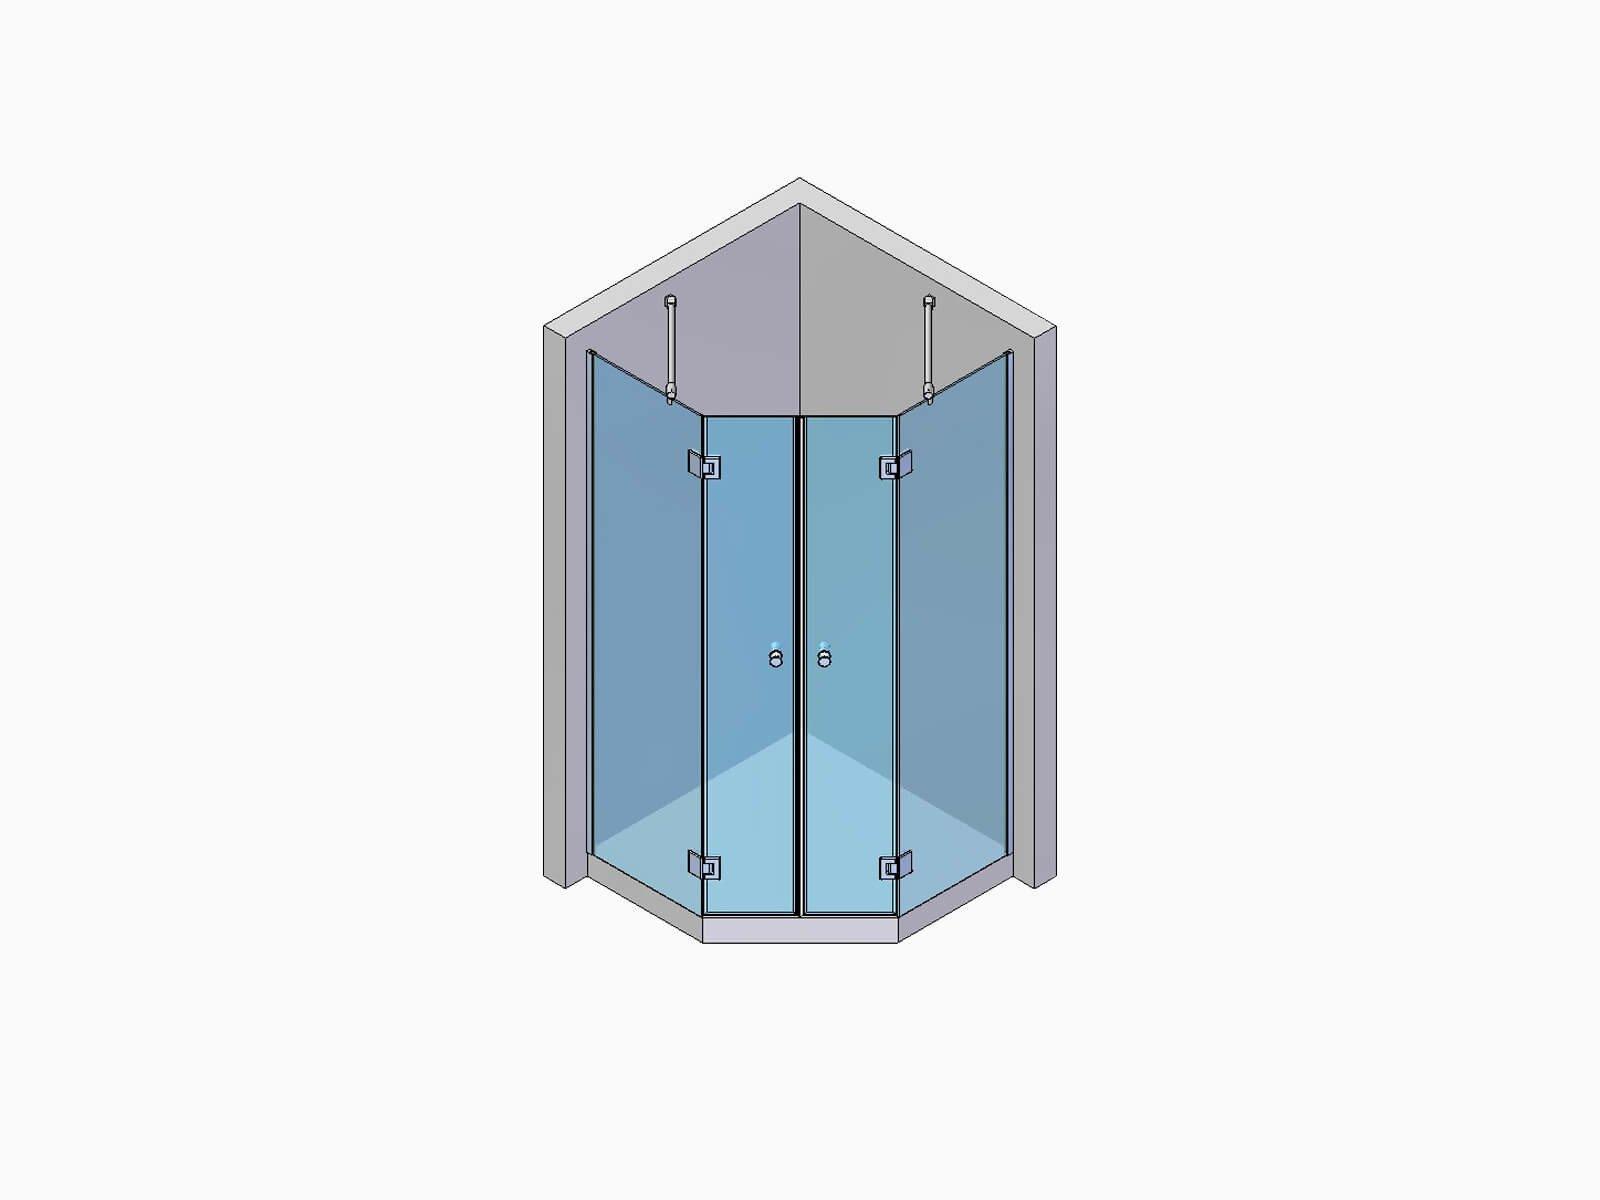 Fünfeckdusche mit zwei Türen und zwei Festteilen